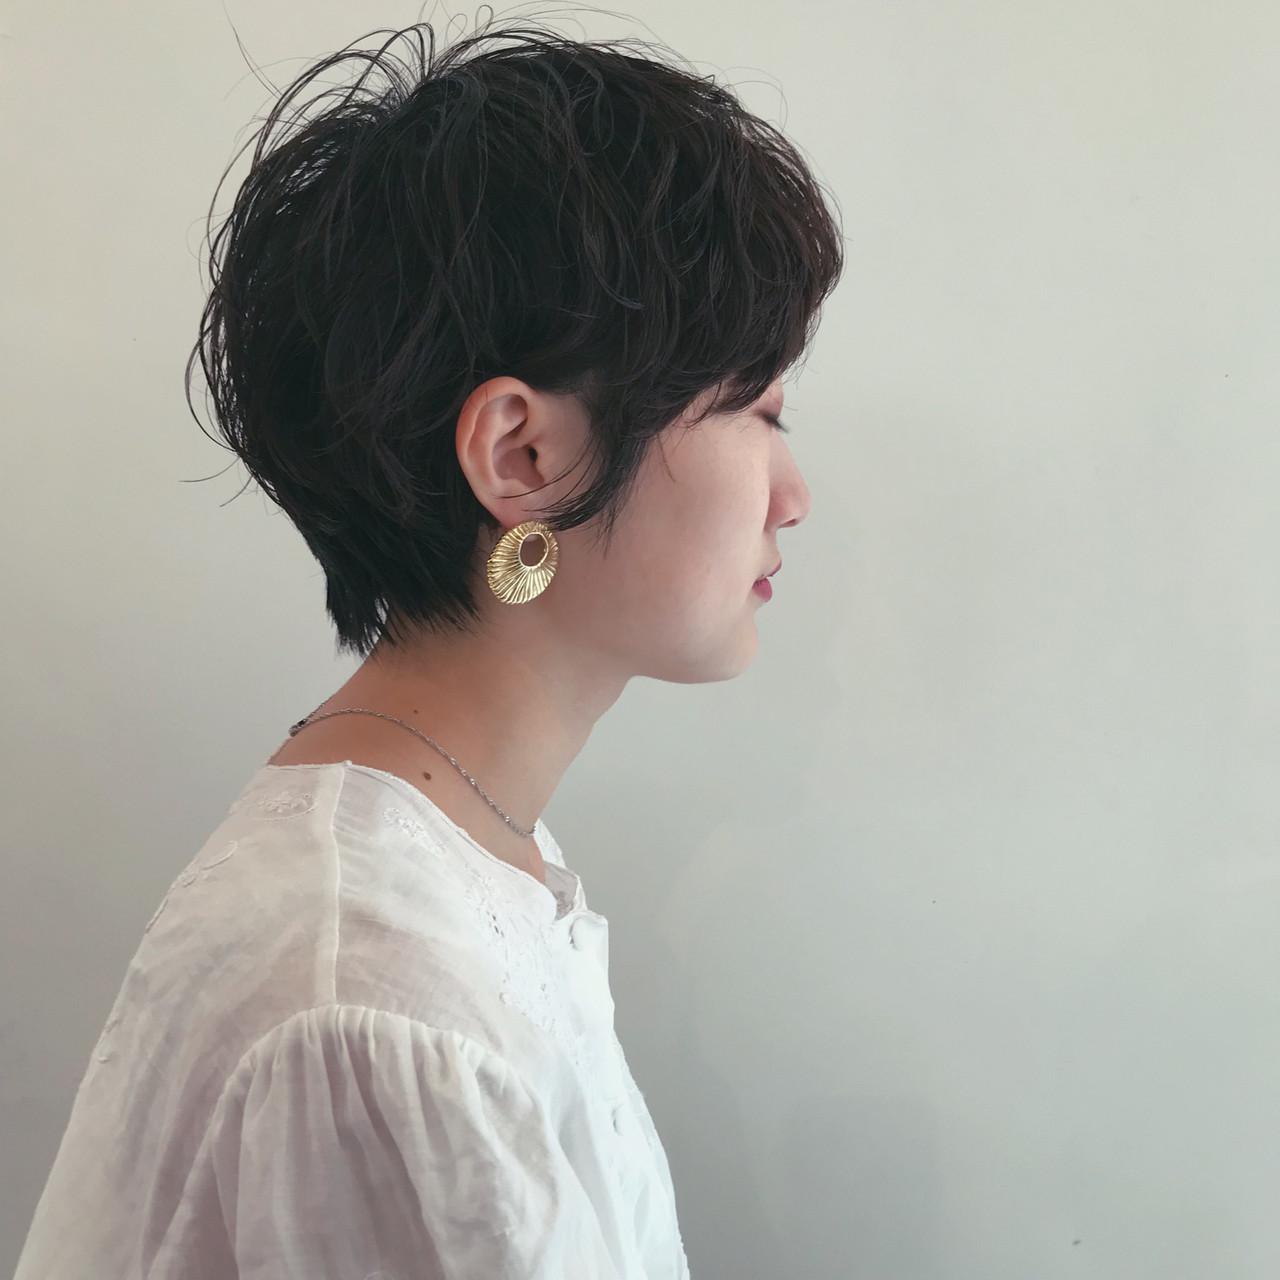 大人ショート マッシュショート ナチュラル 透明感カラー ヘアスタイルや髪型の写真・画像 | 井浦果歩 / ecouter